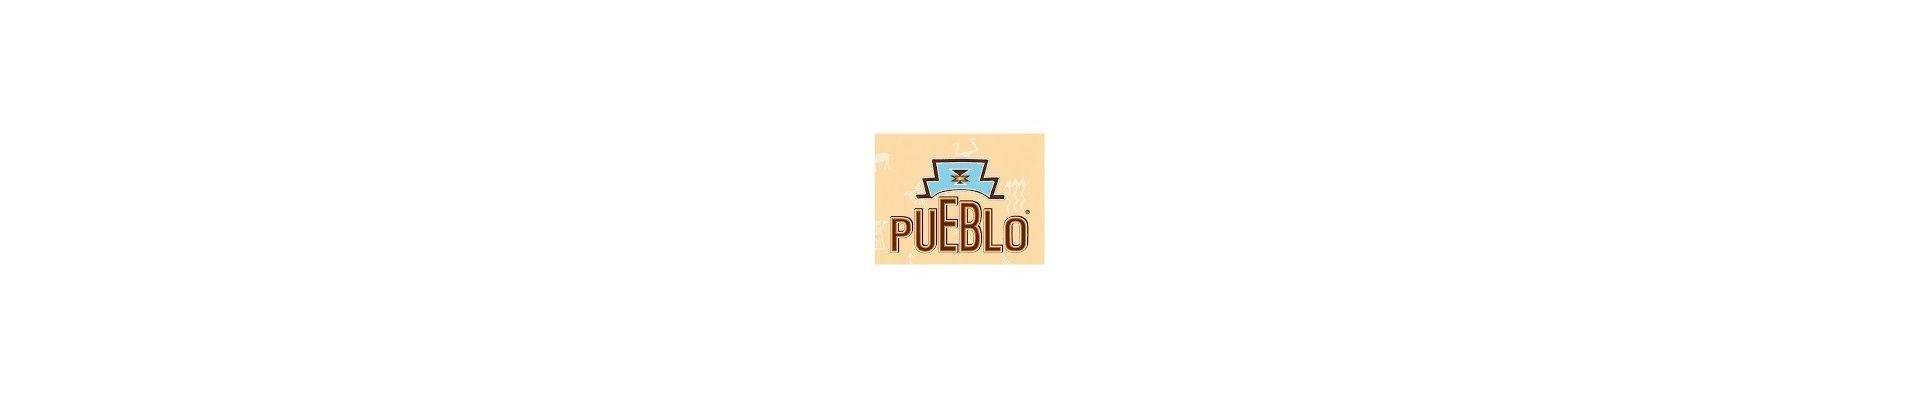 Tutun de rulat tigari Pueblo de vanzare.Magazin tutun Pueblo